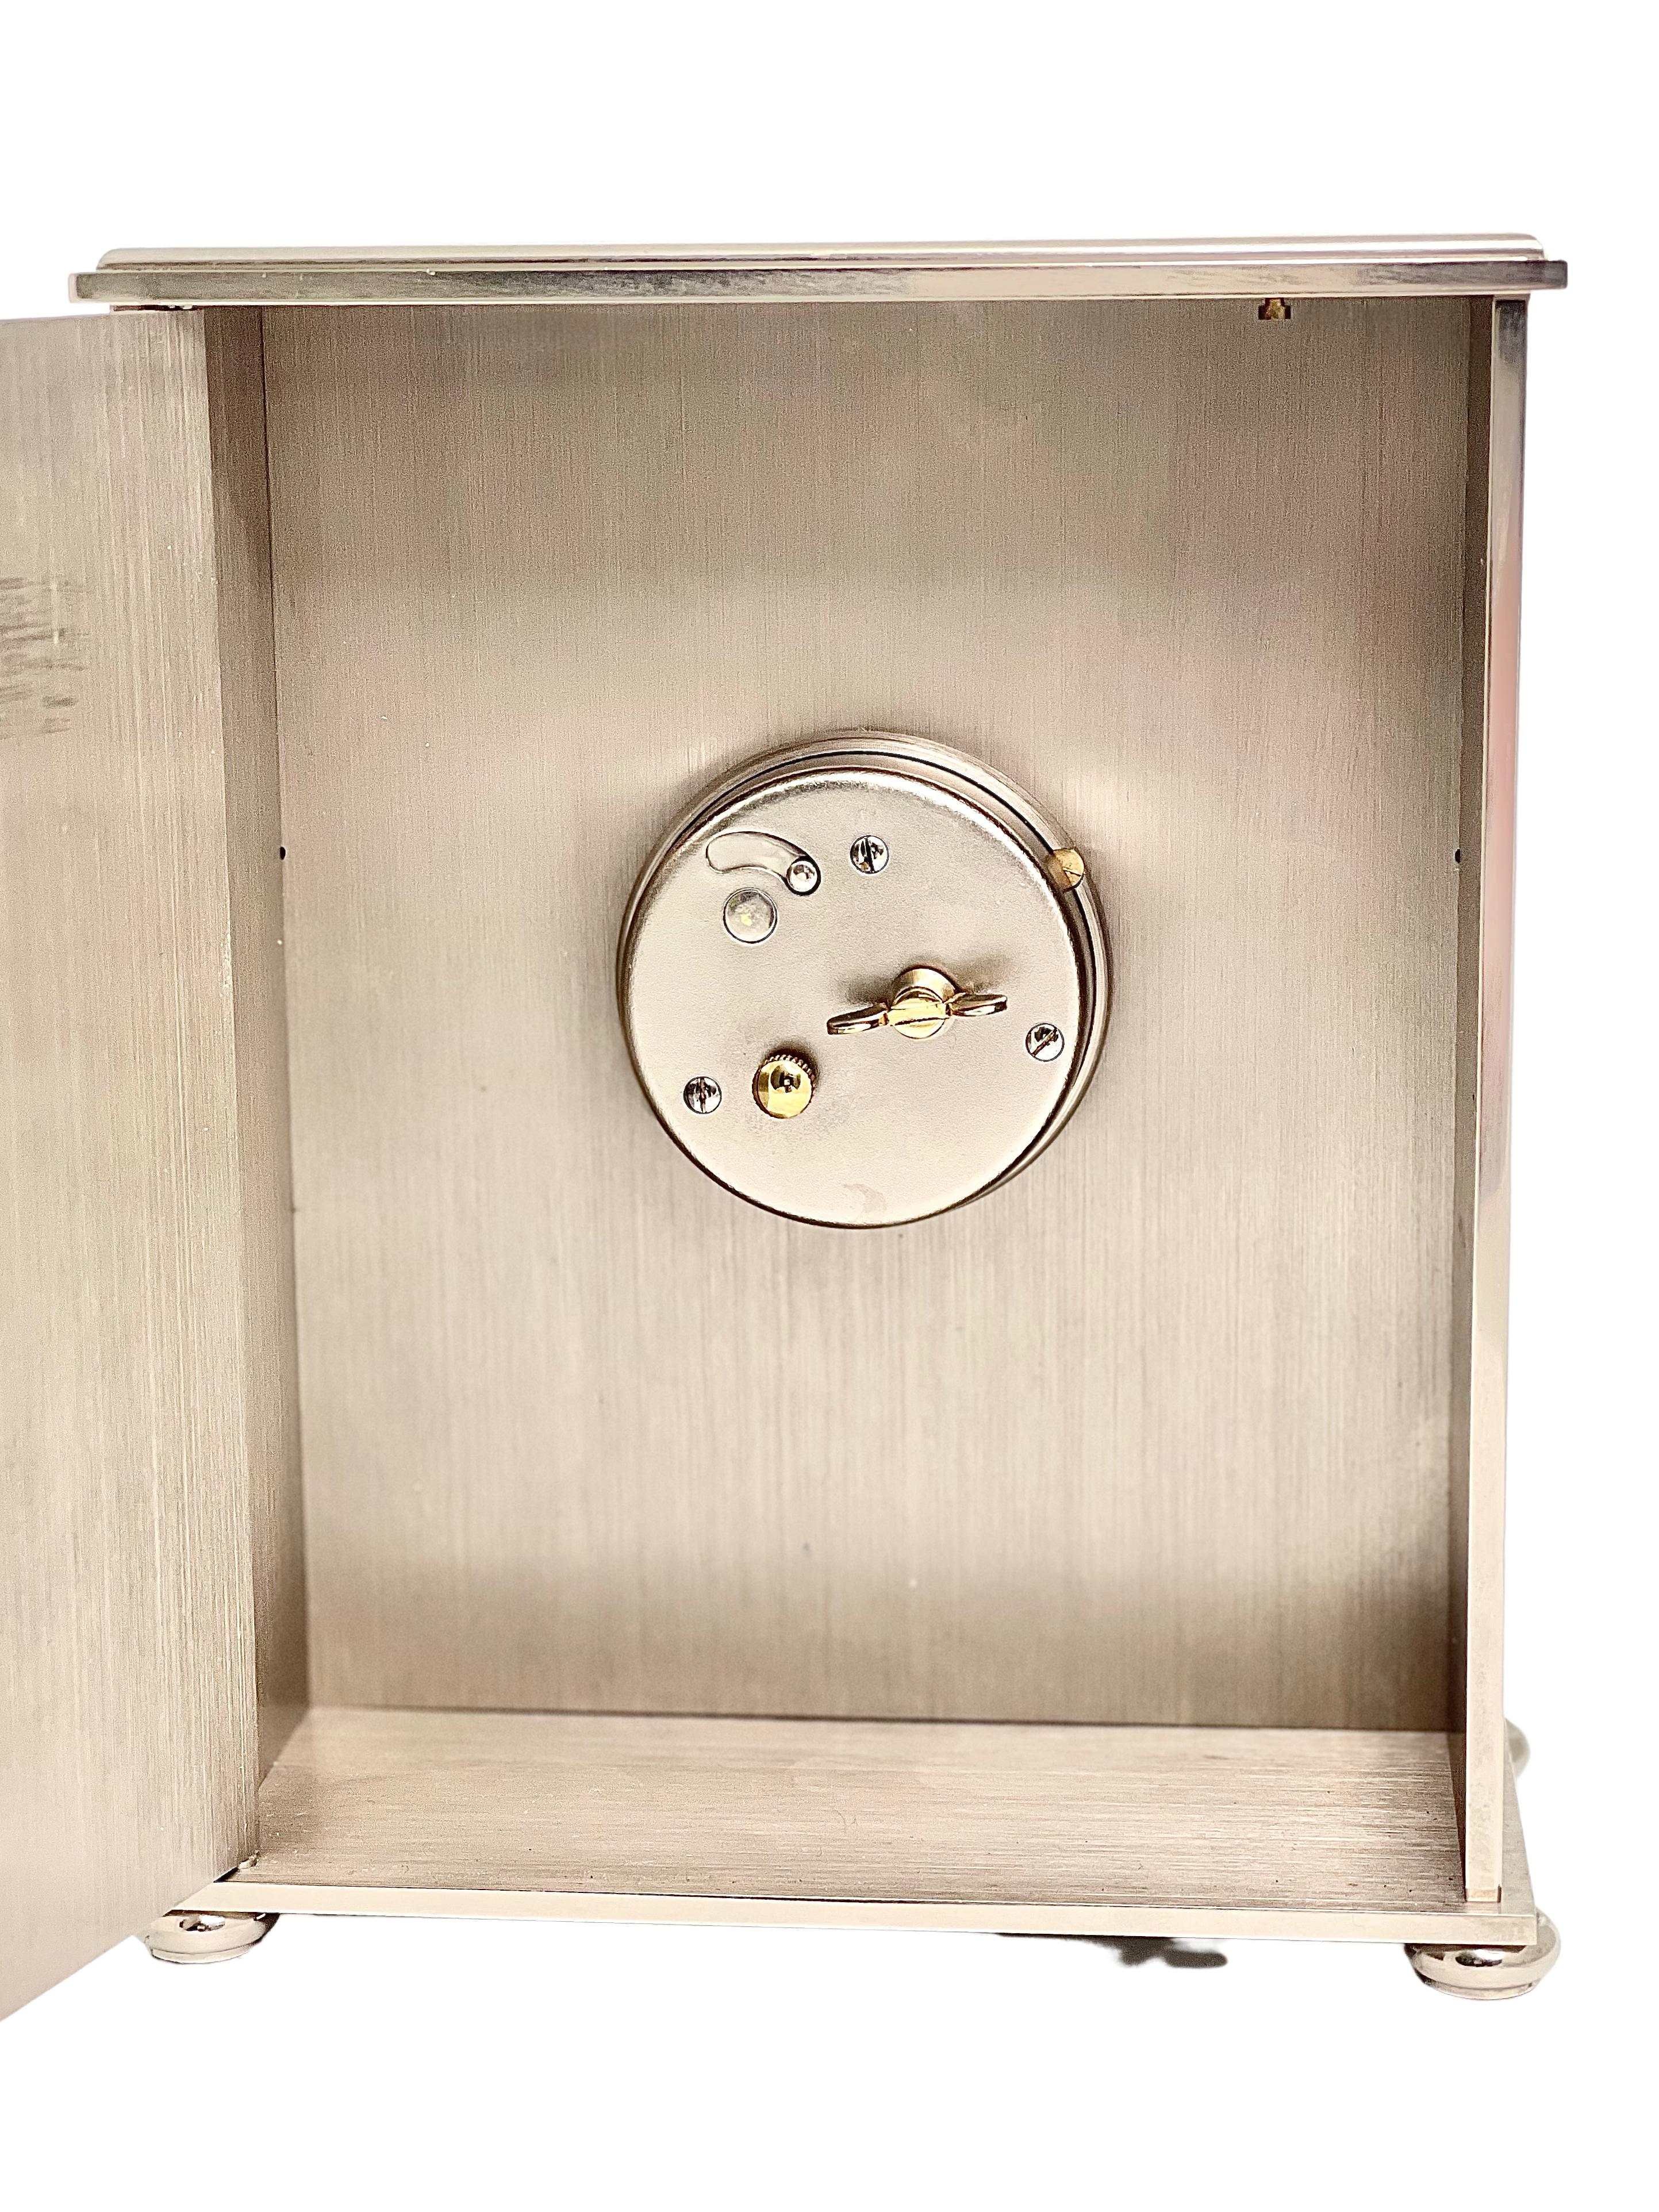 Jaeger LeCoultre Mid Century Lapis Desk Clock